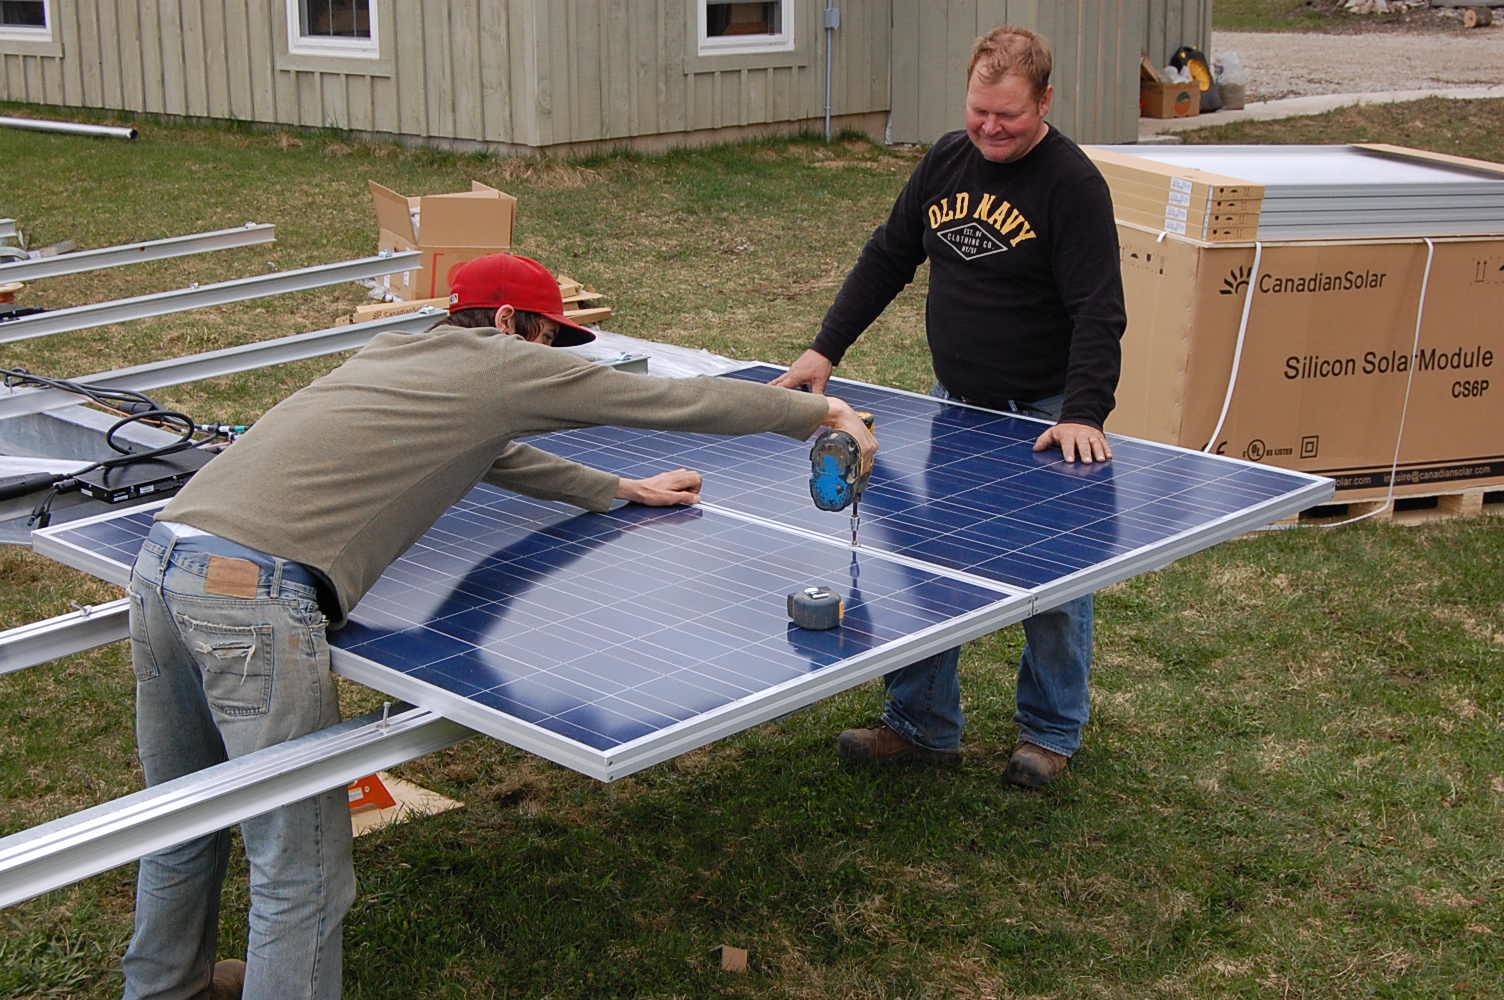 Как правильно сделать солнечную панель своими руками - жми!